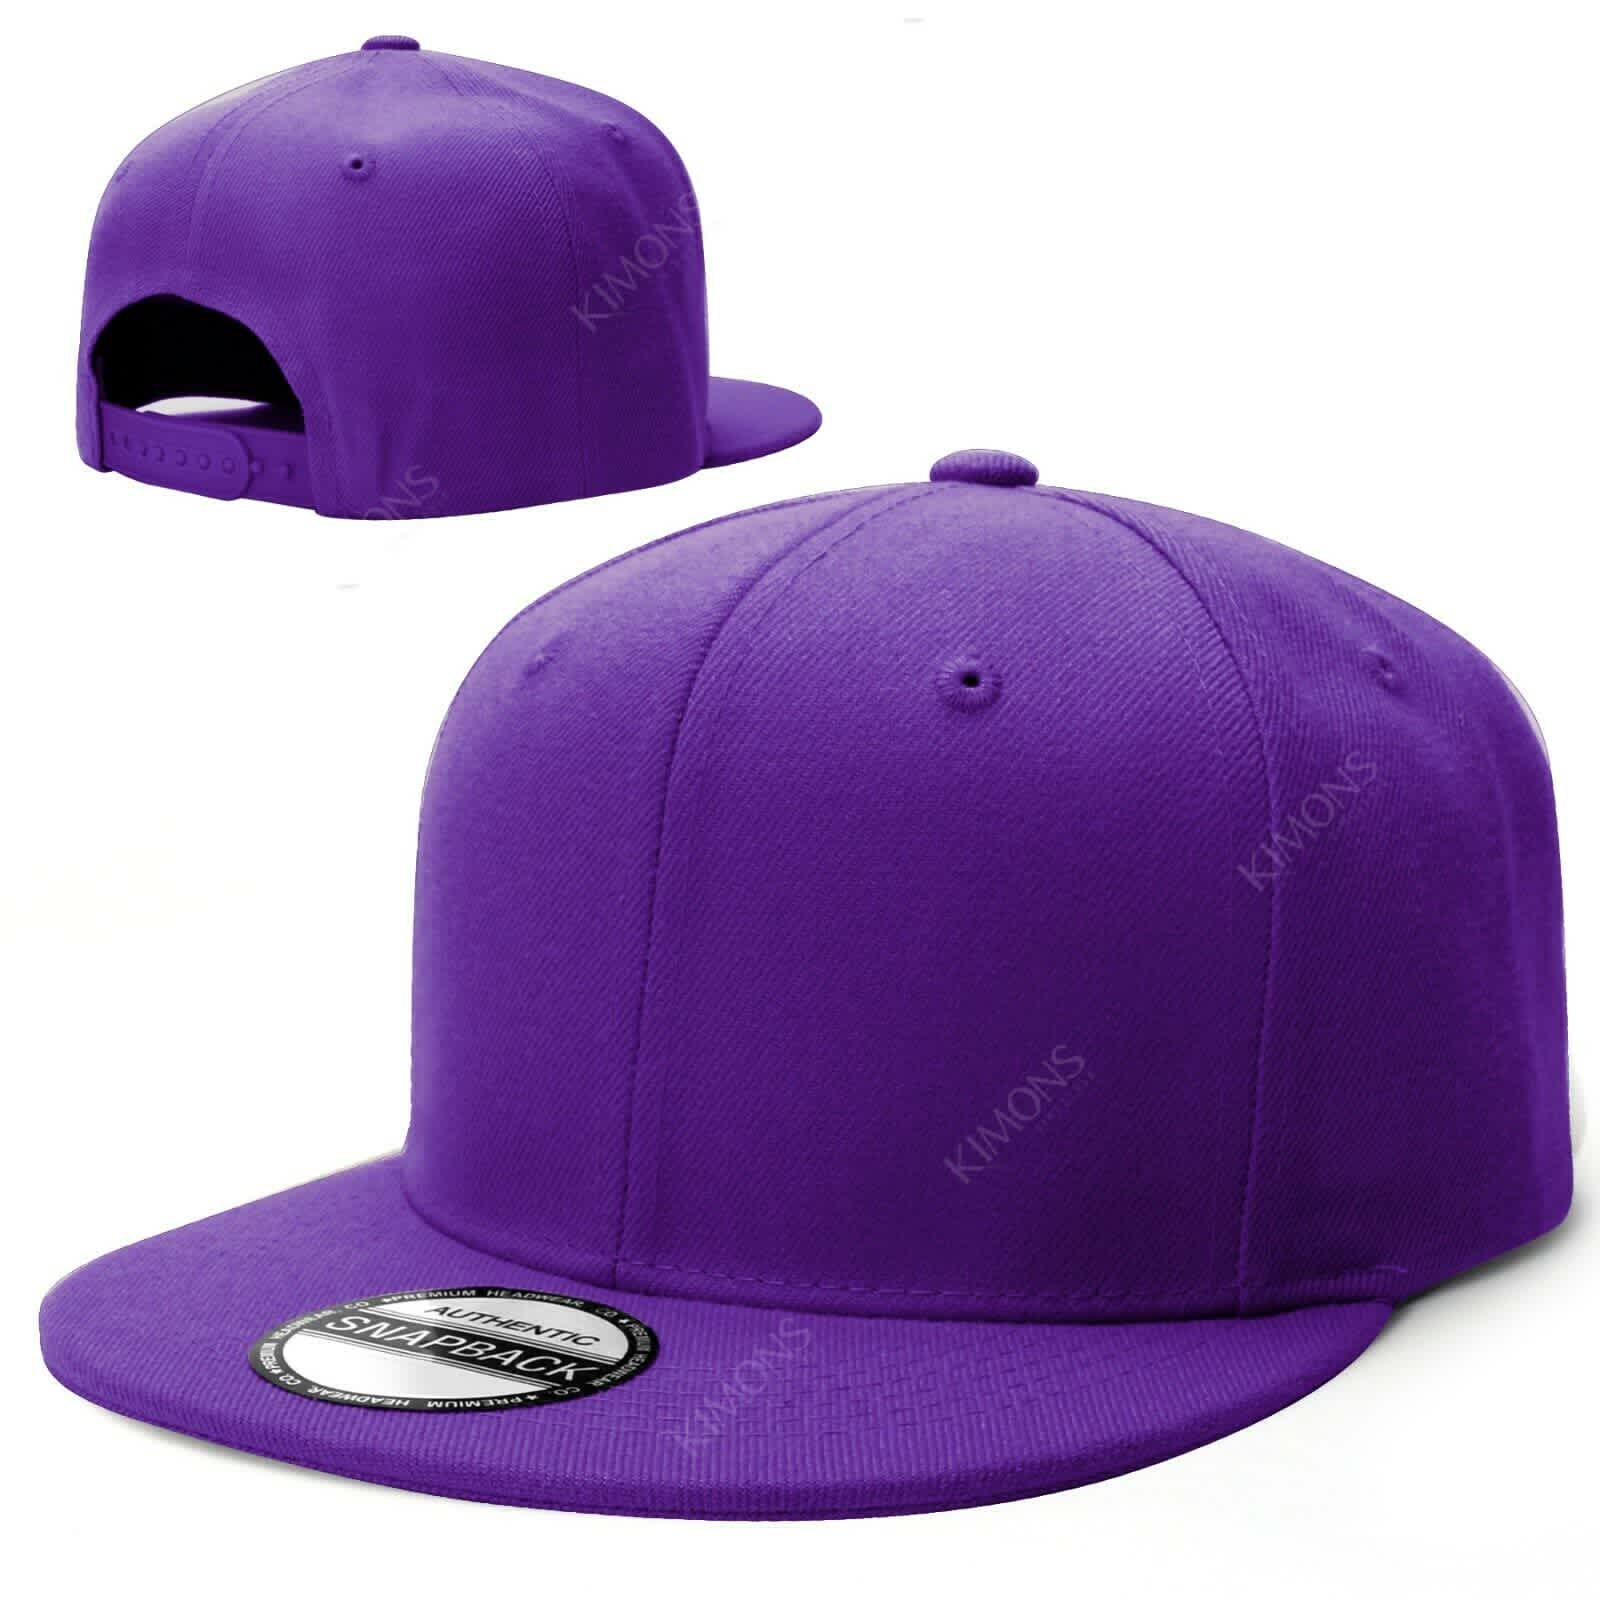 Men's Snapback Cap